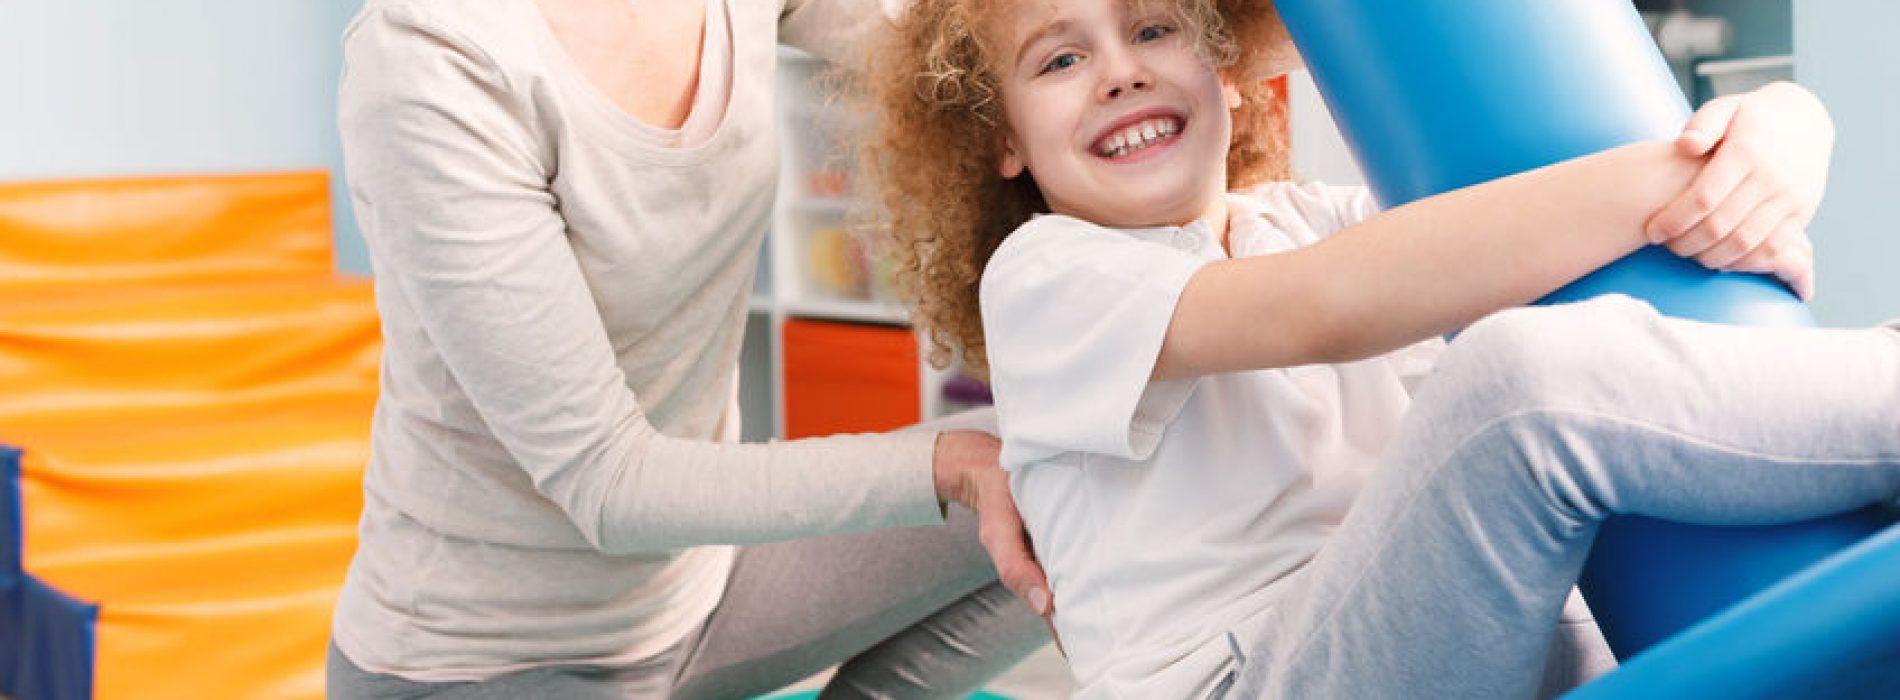 Ćwiczenia w zaburzeniach integracji sensorycznej